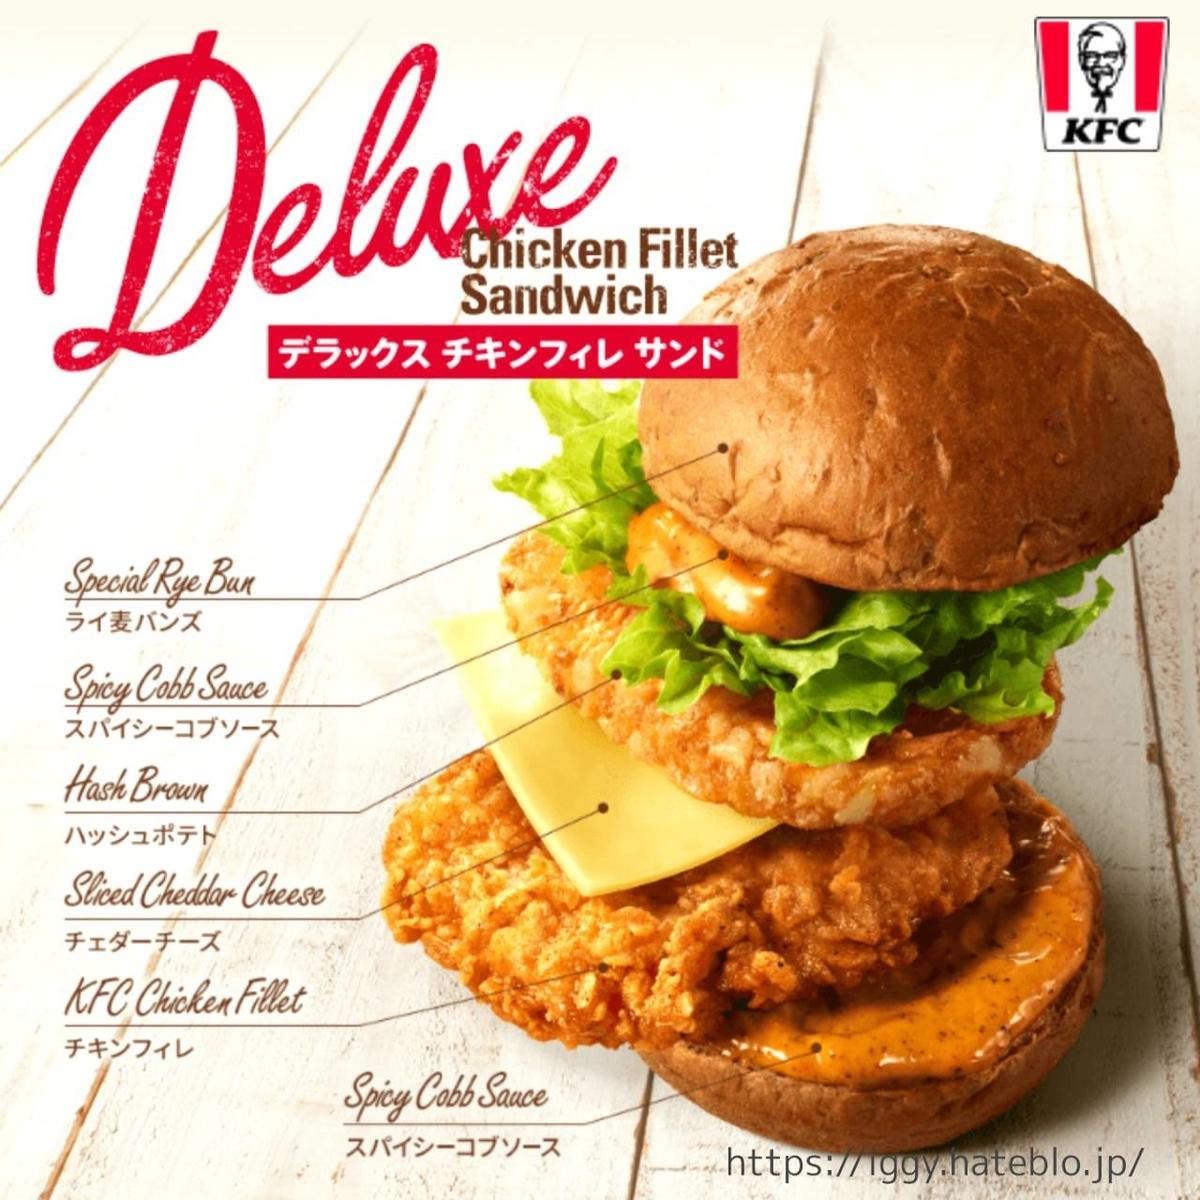 【KFC】ケンタッキー創業50周年「デラックスチキンフィレサンド」 LIFE